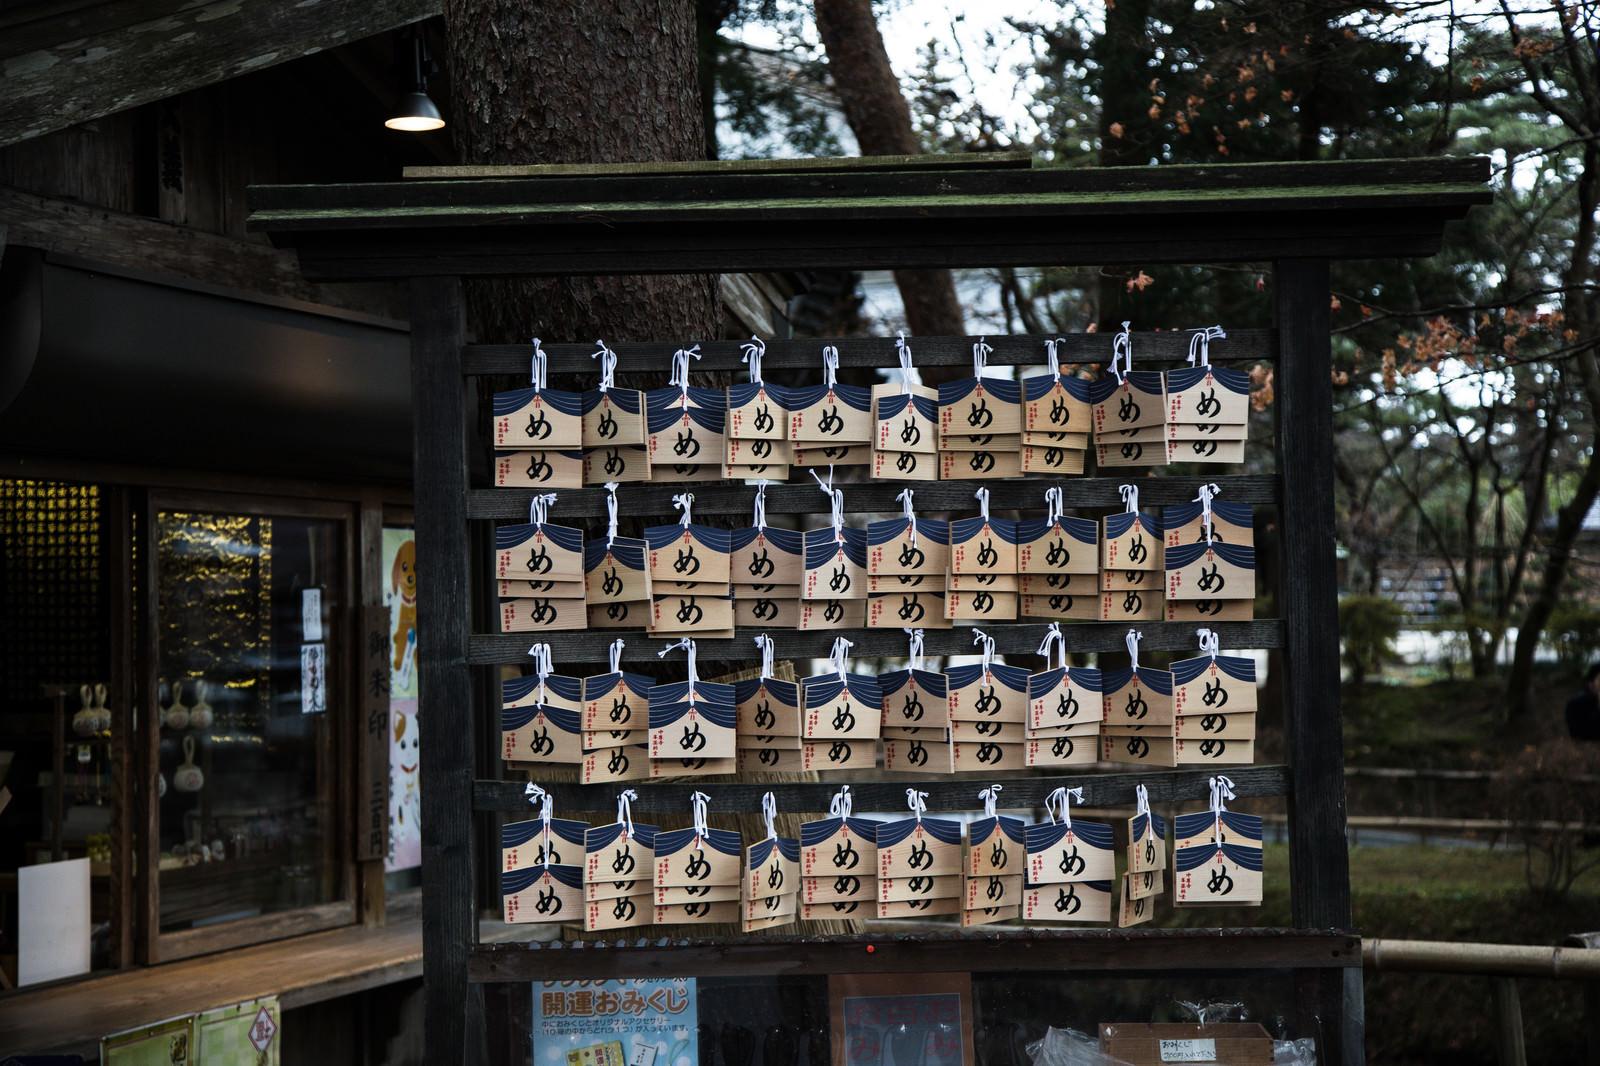 「中尊寺峯薬師堂の「め」の絵馬」の写真